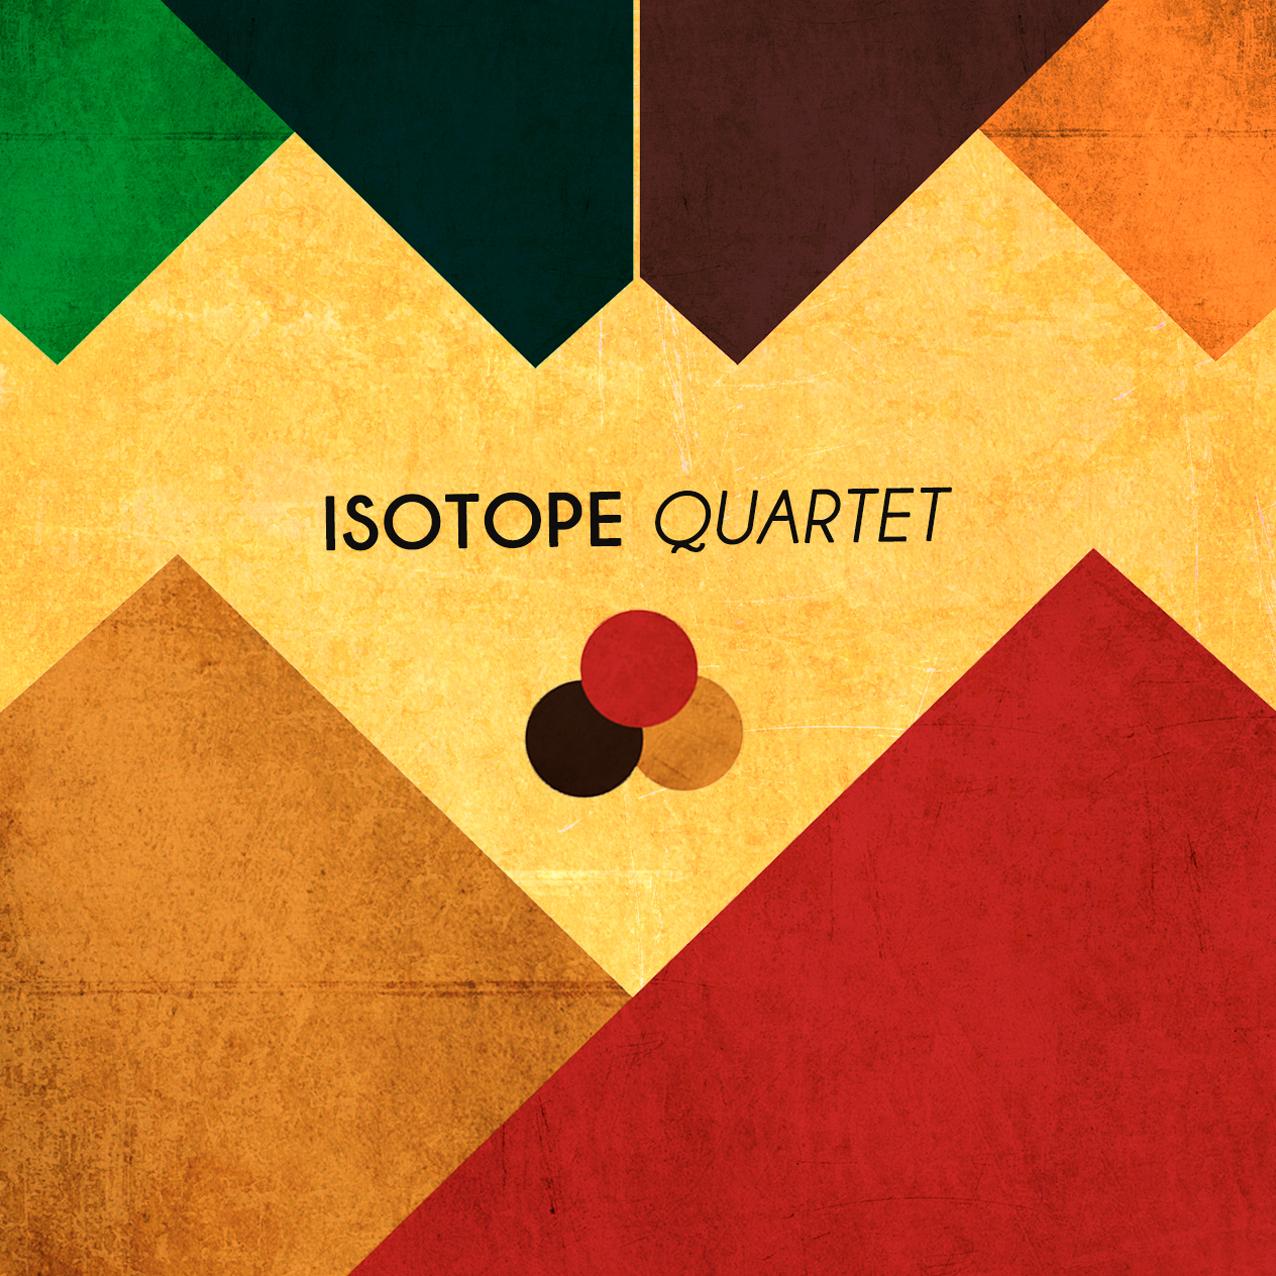 Isotope Quartet   Isotope quartet est né à Bordeaux dont les musiciens sont originaires. L'absence de basse dans cet effectif peu commun inspiré du Tiny Bell Trio de Dave Douglas et du Ron Miles Trio fait ressortir des couleurs sonores particulières et confère un double rôle d'accompagnateur et de soliste aux musiciens. le Quartet joue essentiellement des compositions originales laissant la part belle à l'improvisation et à la création. Ses influences sont diverses, elles vont du Jazz traditionnel à la musique Latine, au Free Jazz, Rock ou encore Groove… .   https://www.facebook.com/Isotope-quartet-222336157926850/